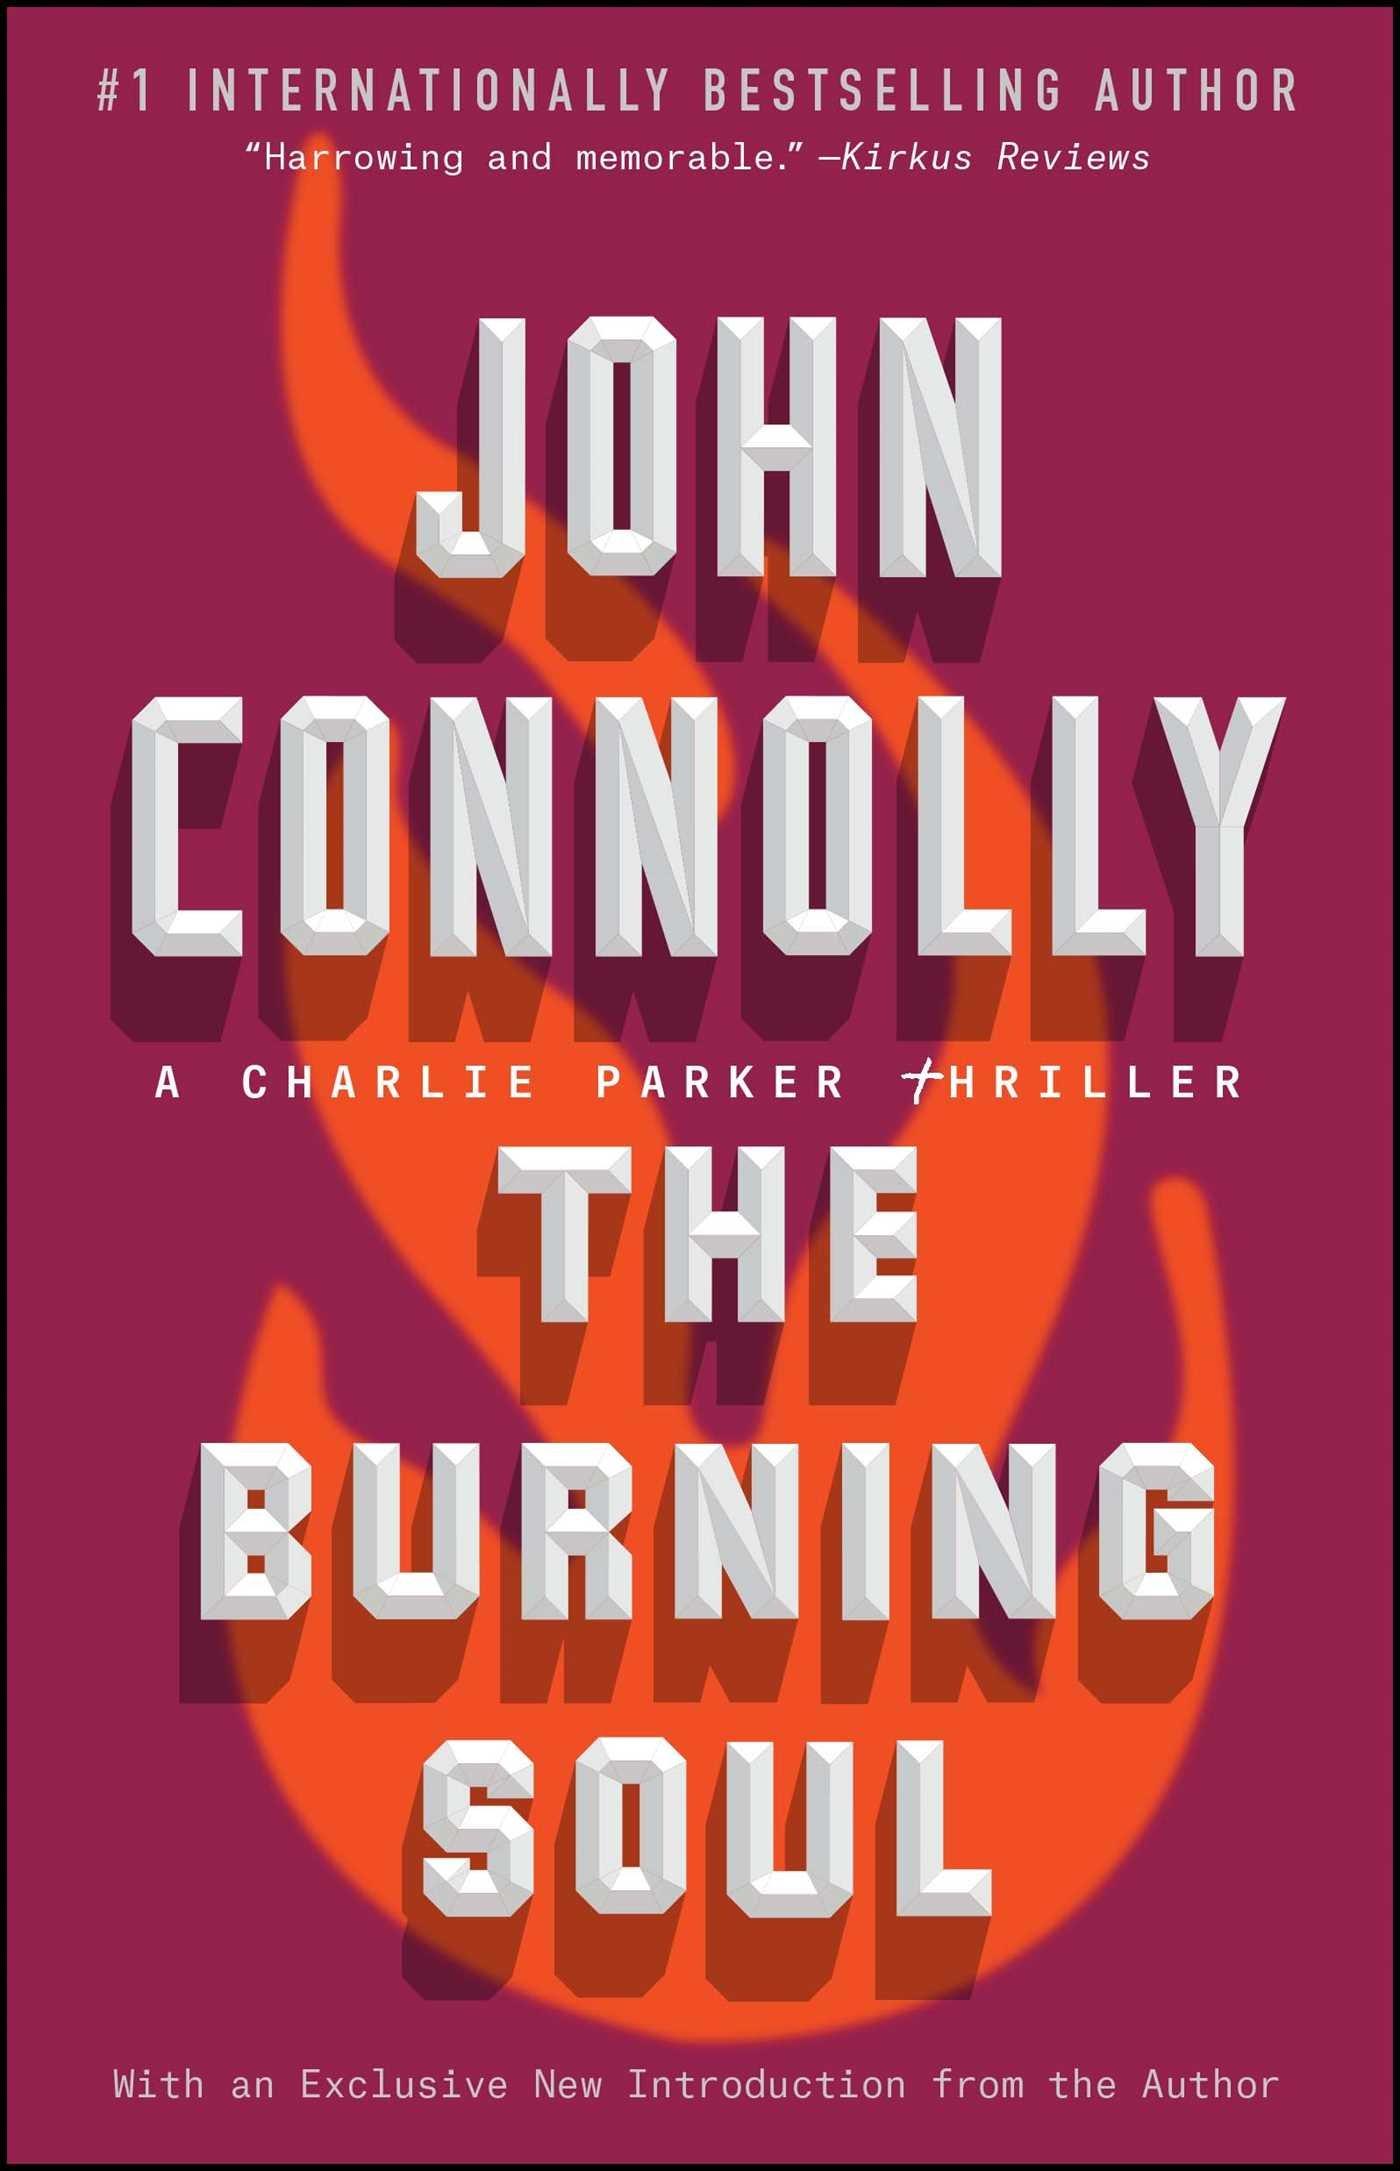 The Burning Soul: A Charlie Parker Thriller ebook